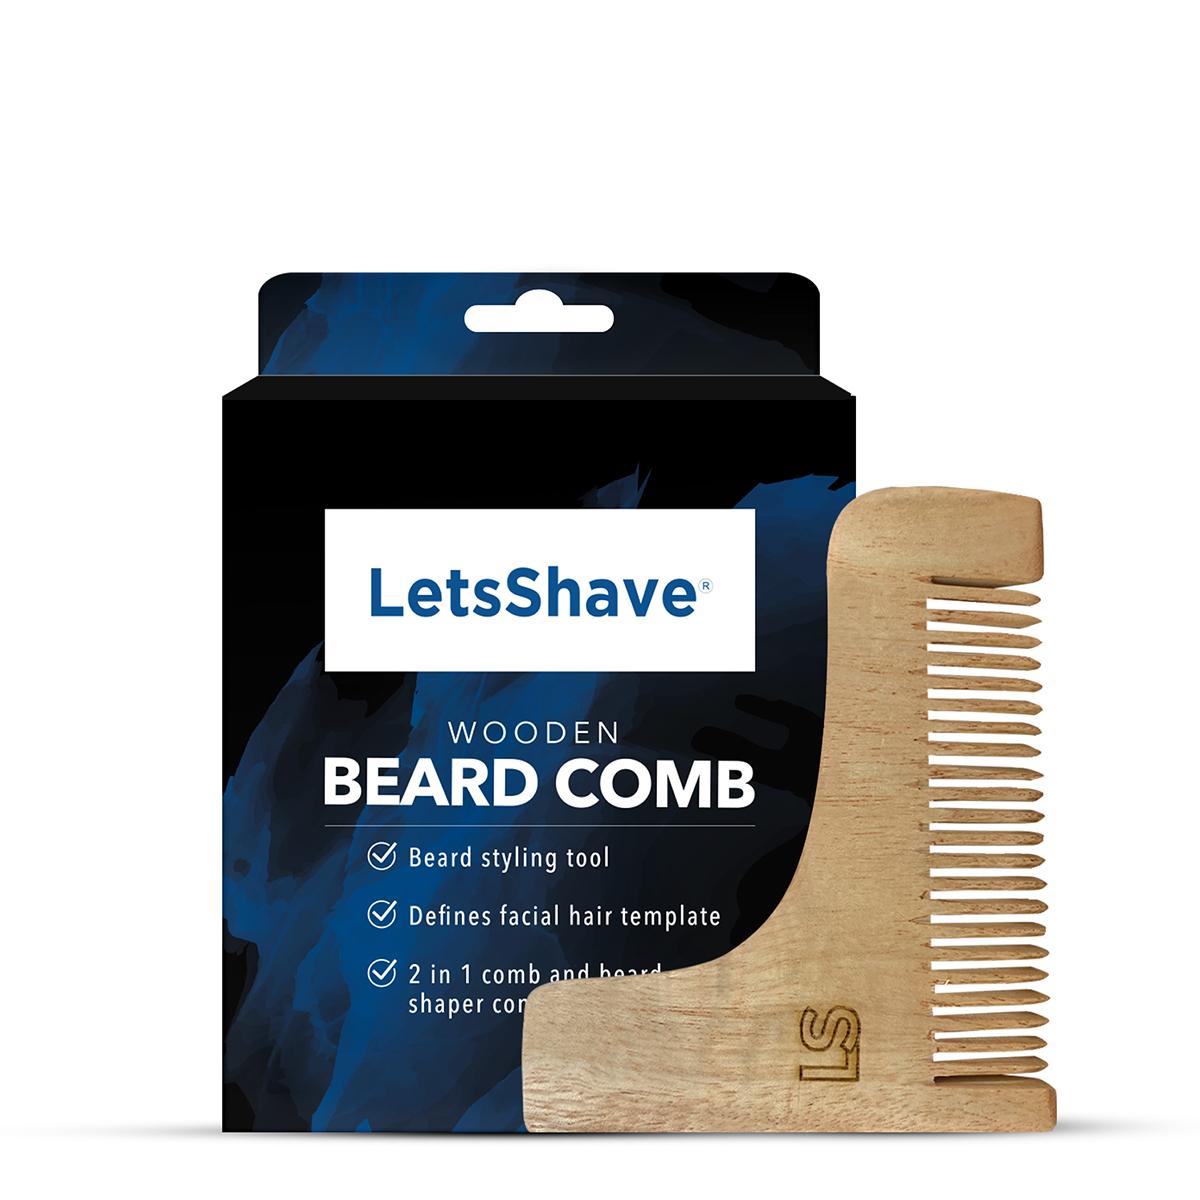 LetsShave | LetsShave Wooden Beard Comb